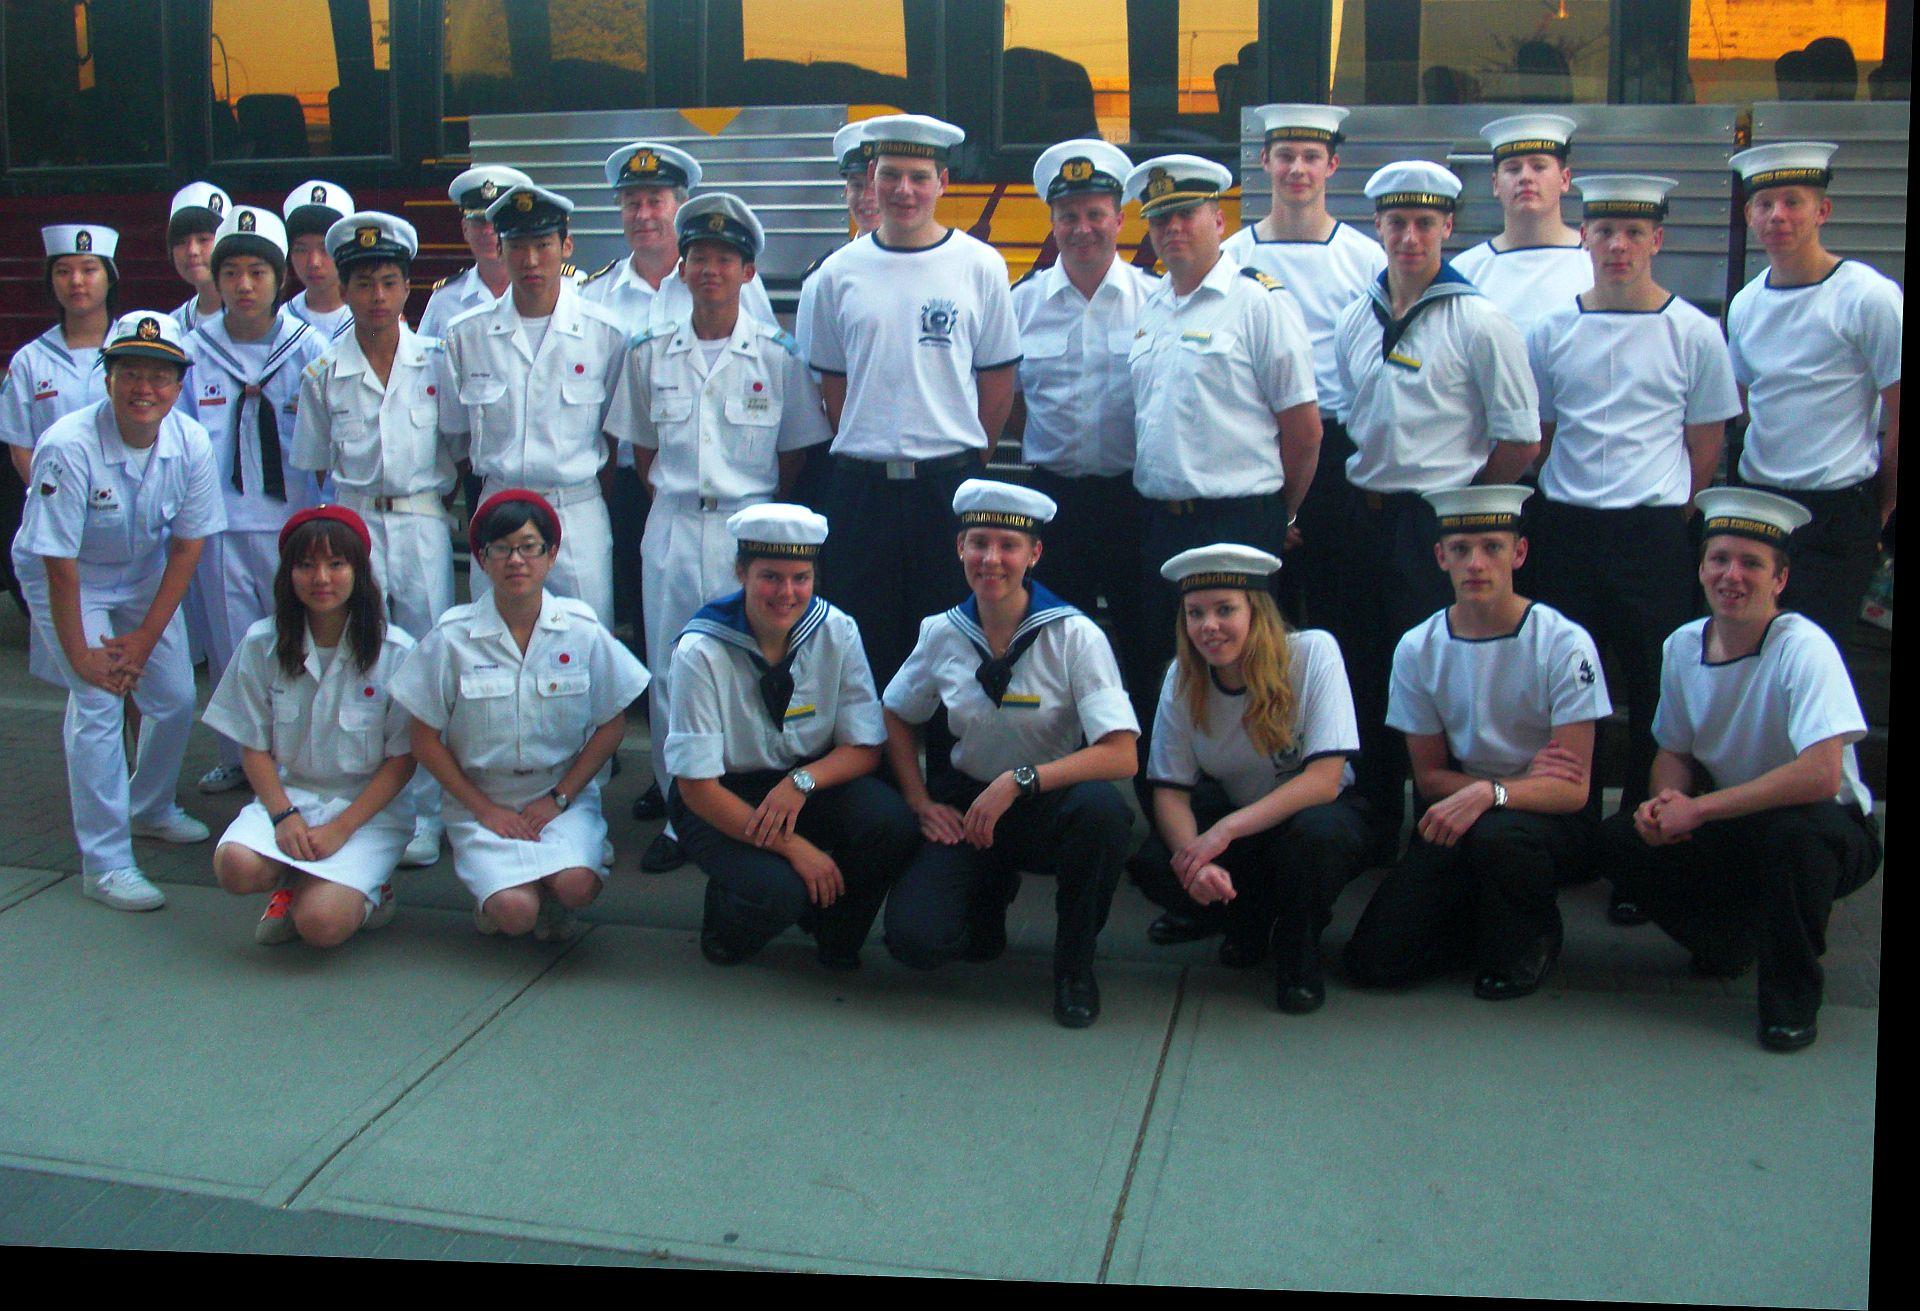 De crew die naar Canada afreisde.